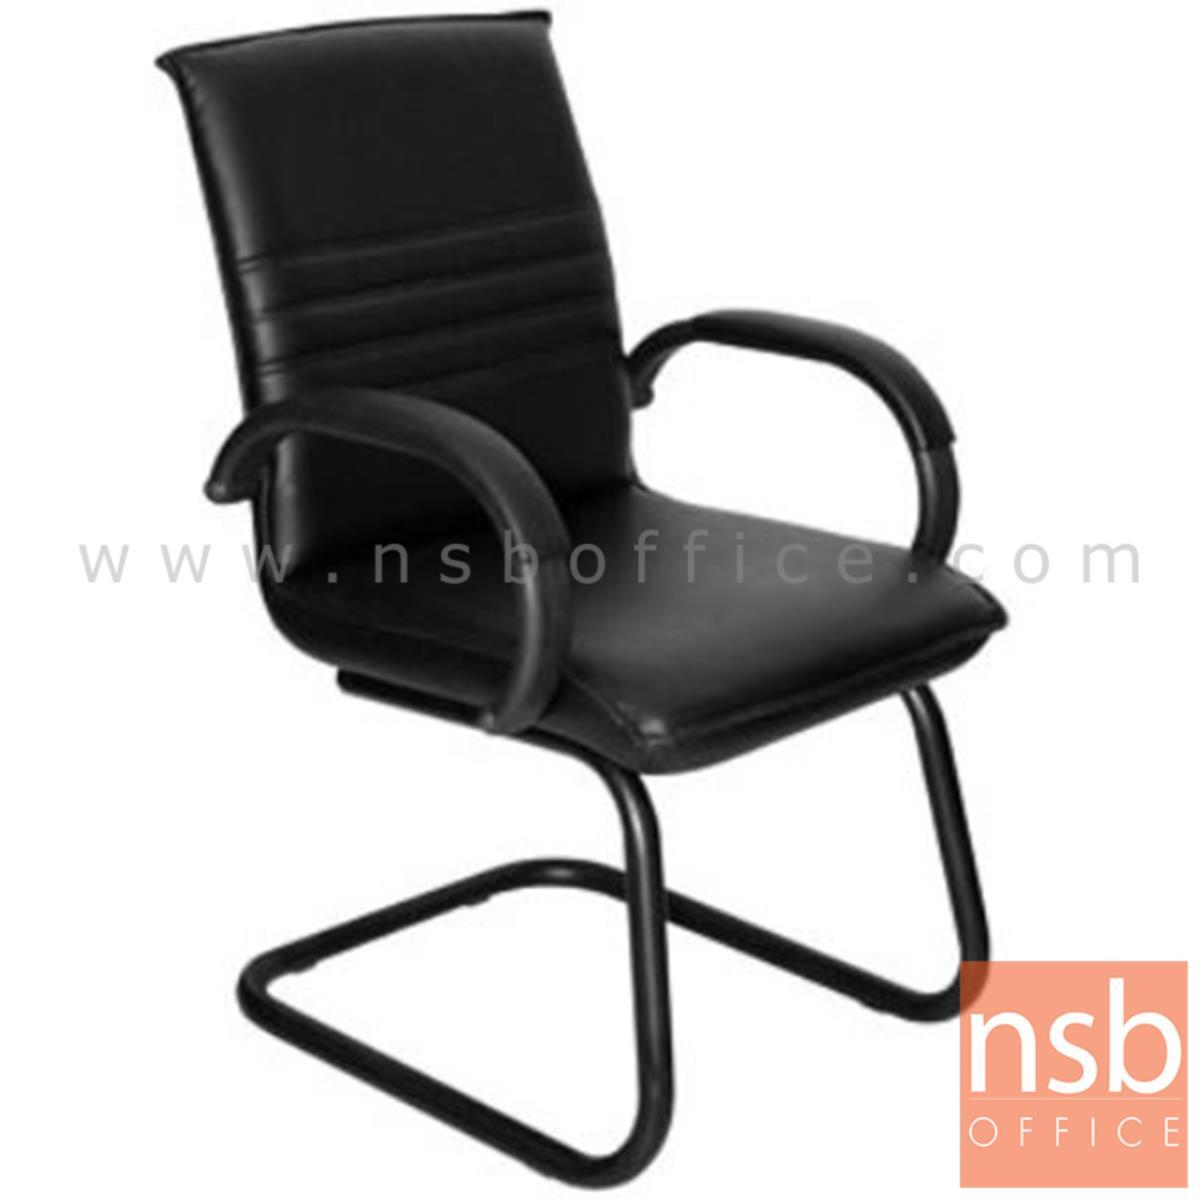 B04A160:เก้าอี้รับแขกขาตัวซี รุ่น Purity (เพียวริตี้)  ขาเหล็กพ่นดำ